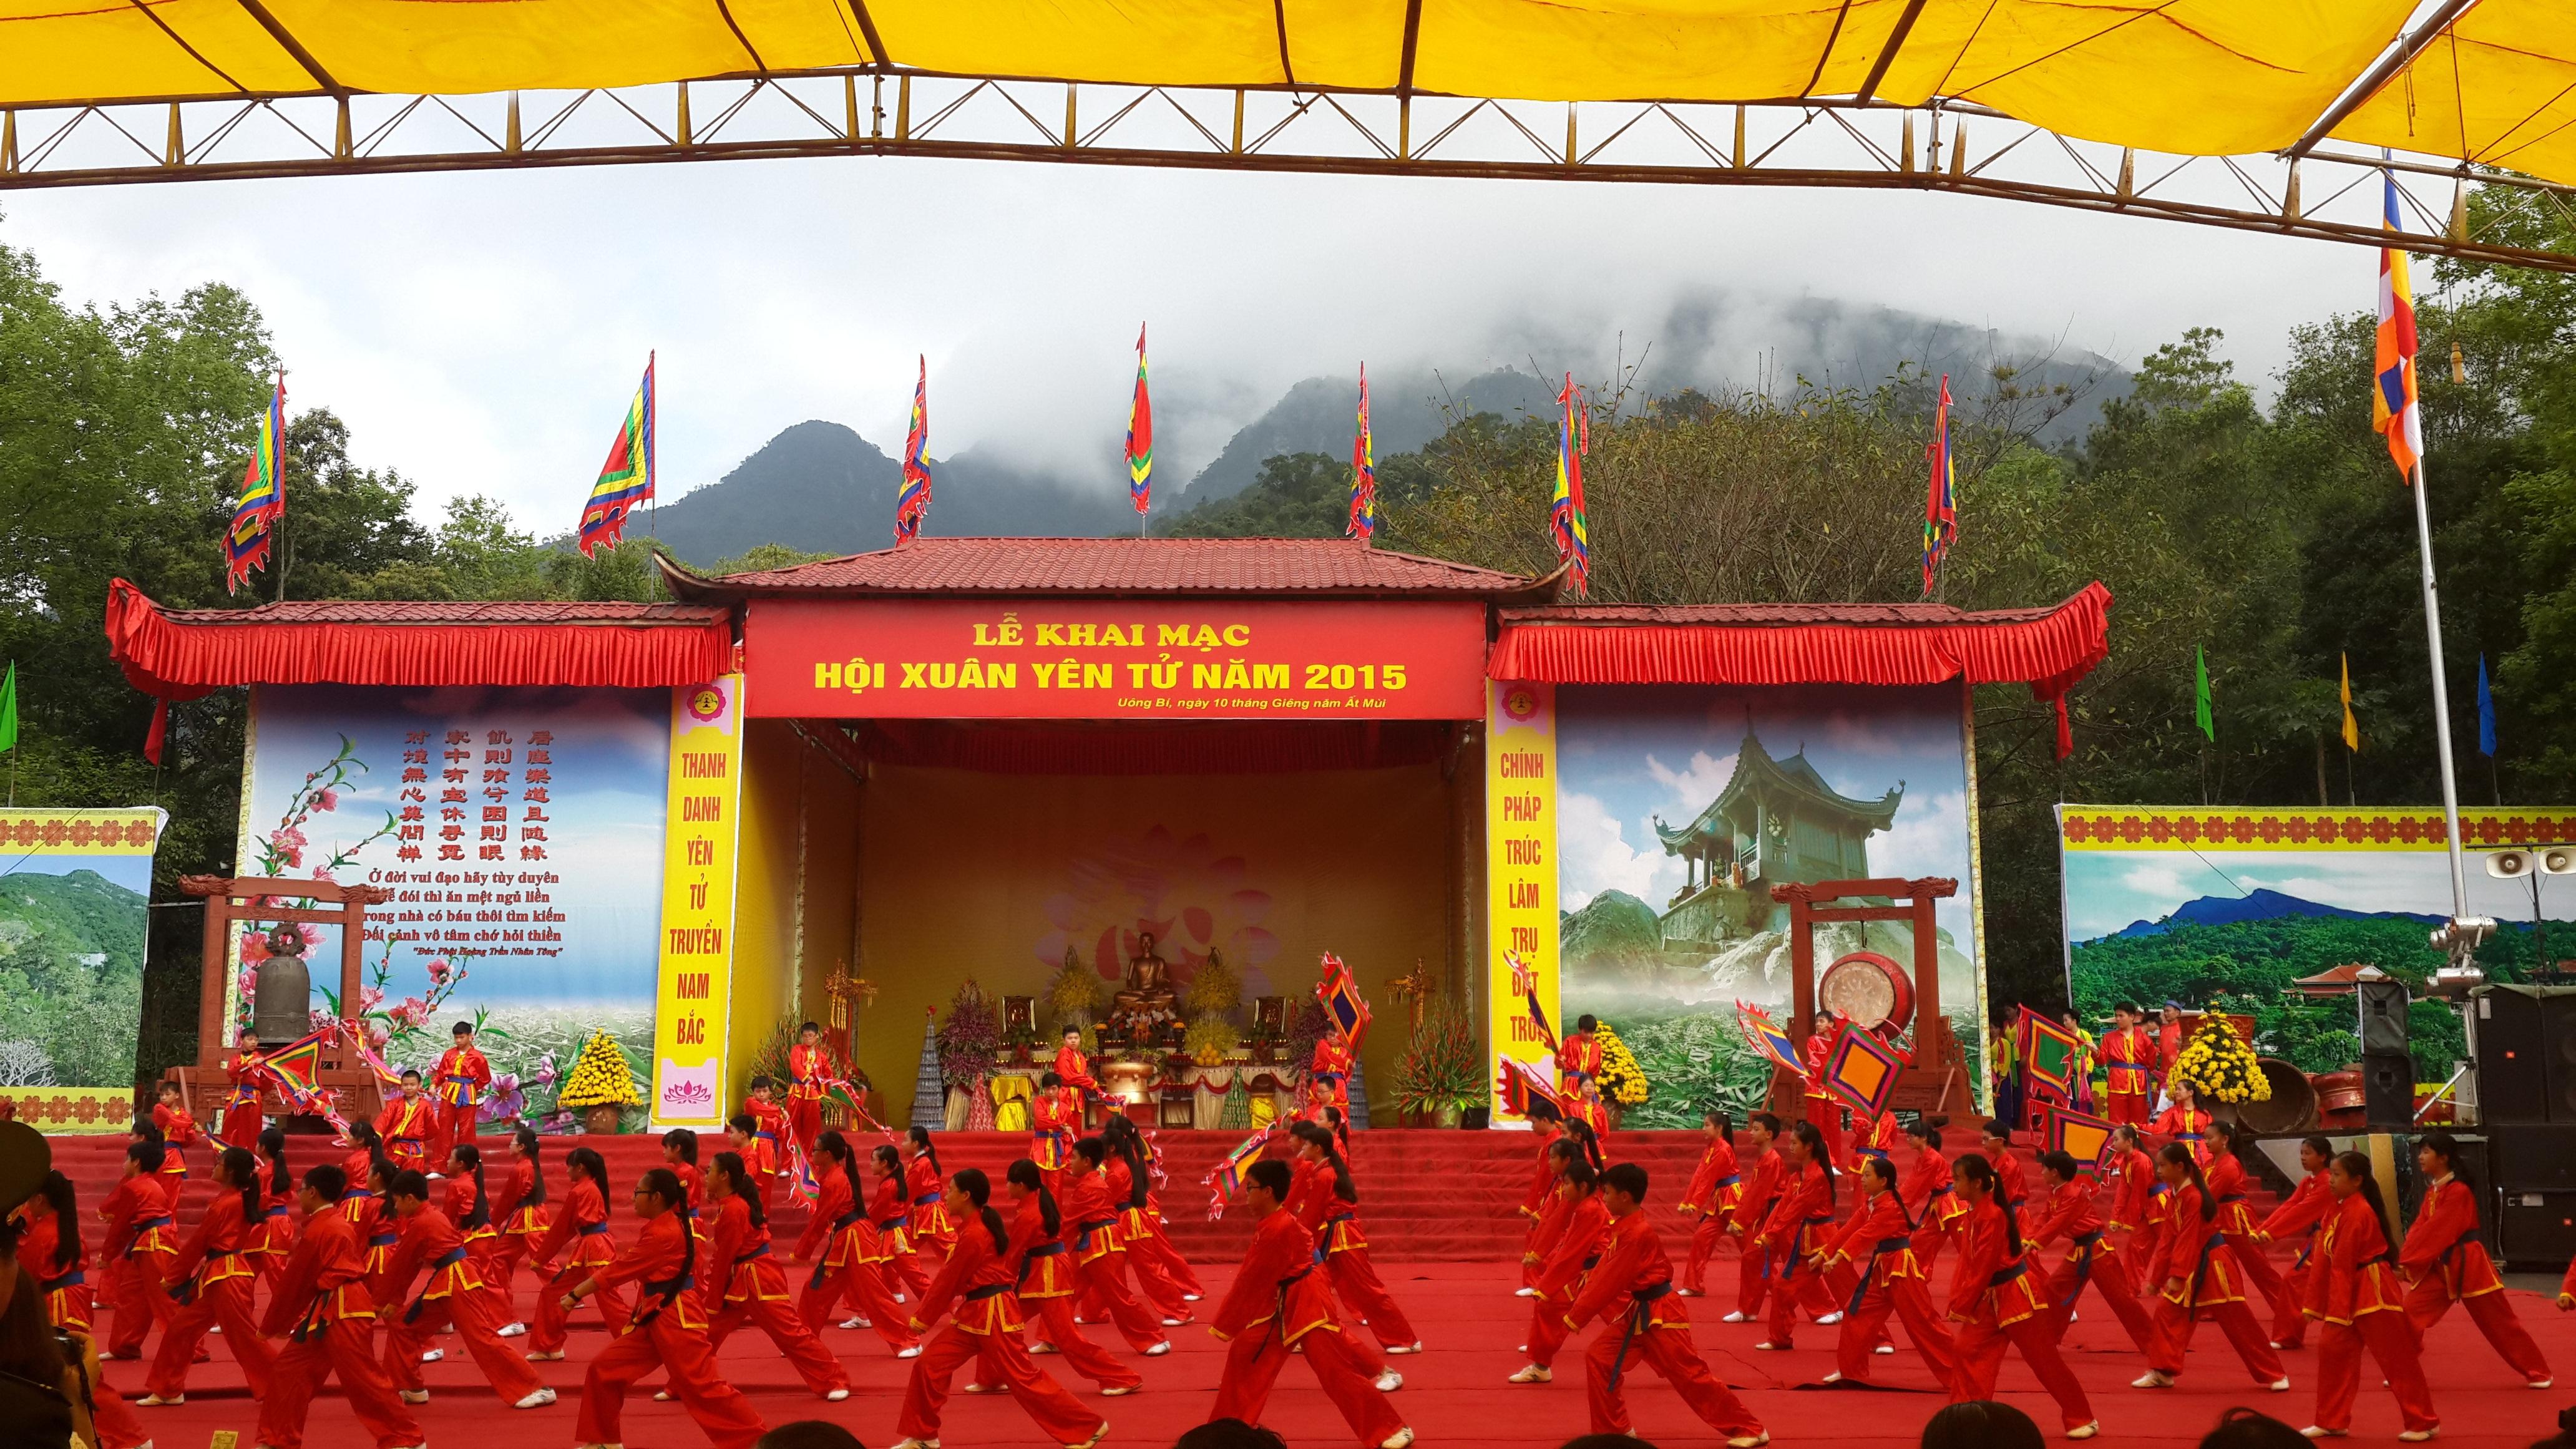 Chủ tịch Hội Phật giáo Việt Nam làm lễ cầu Quốc thái dân an.